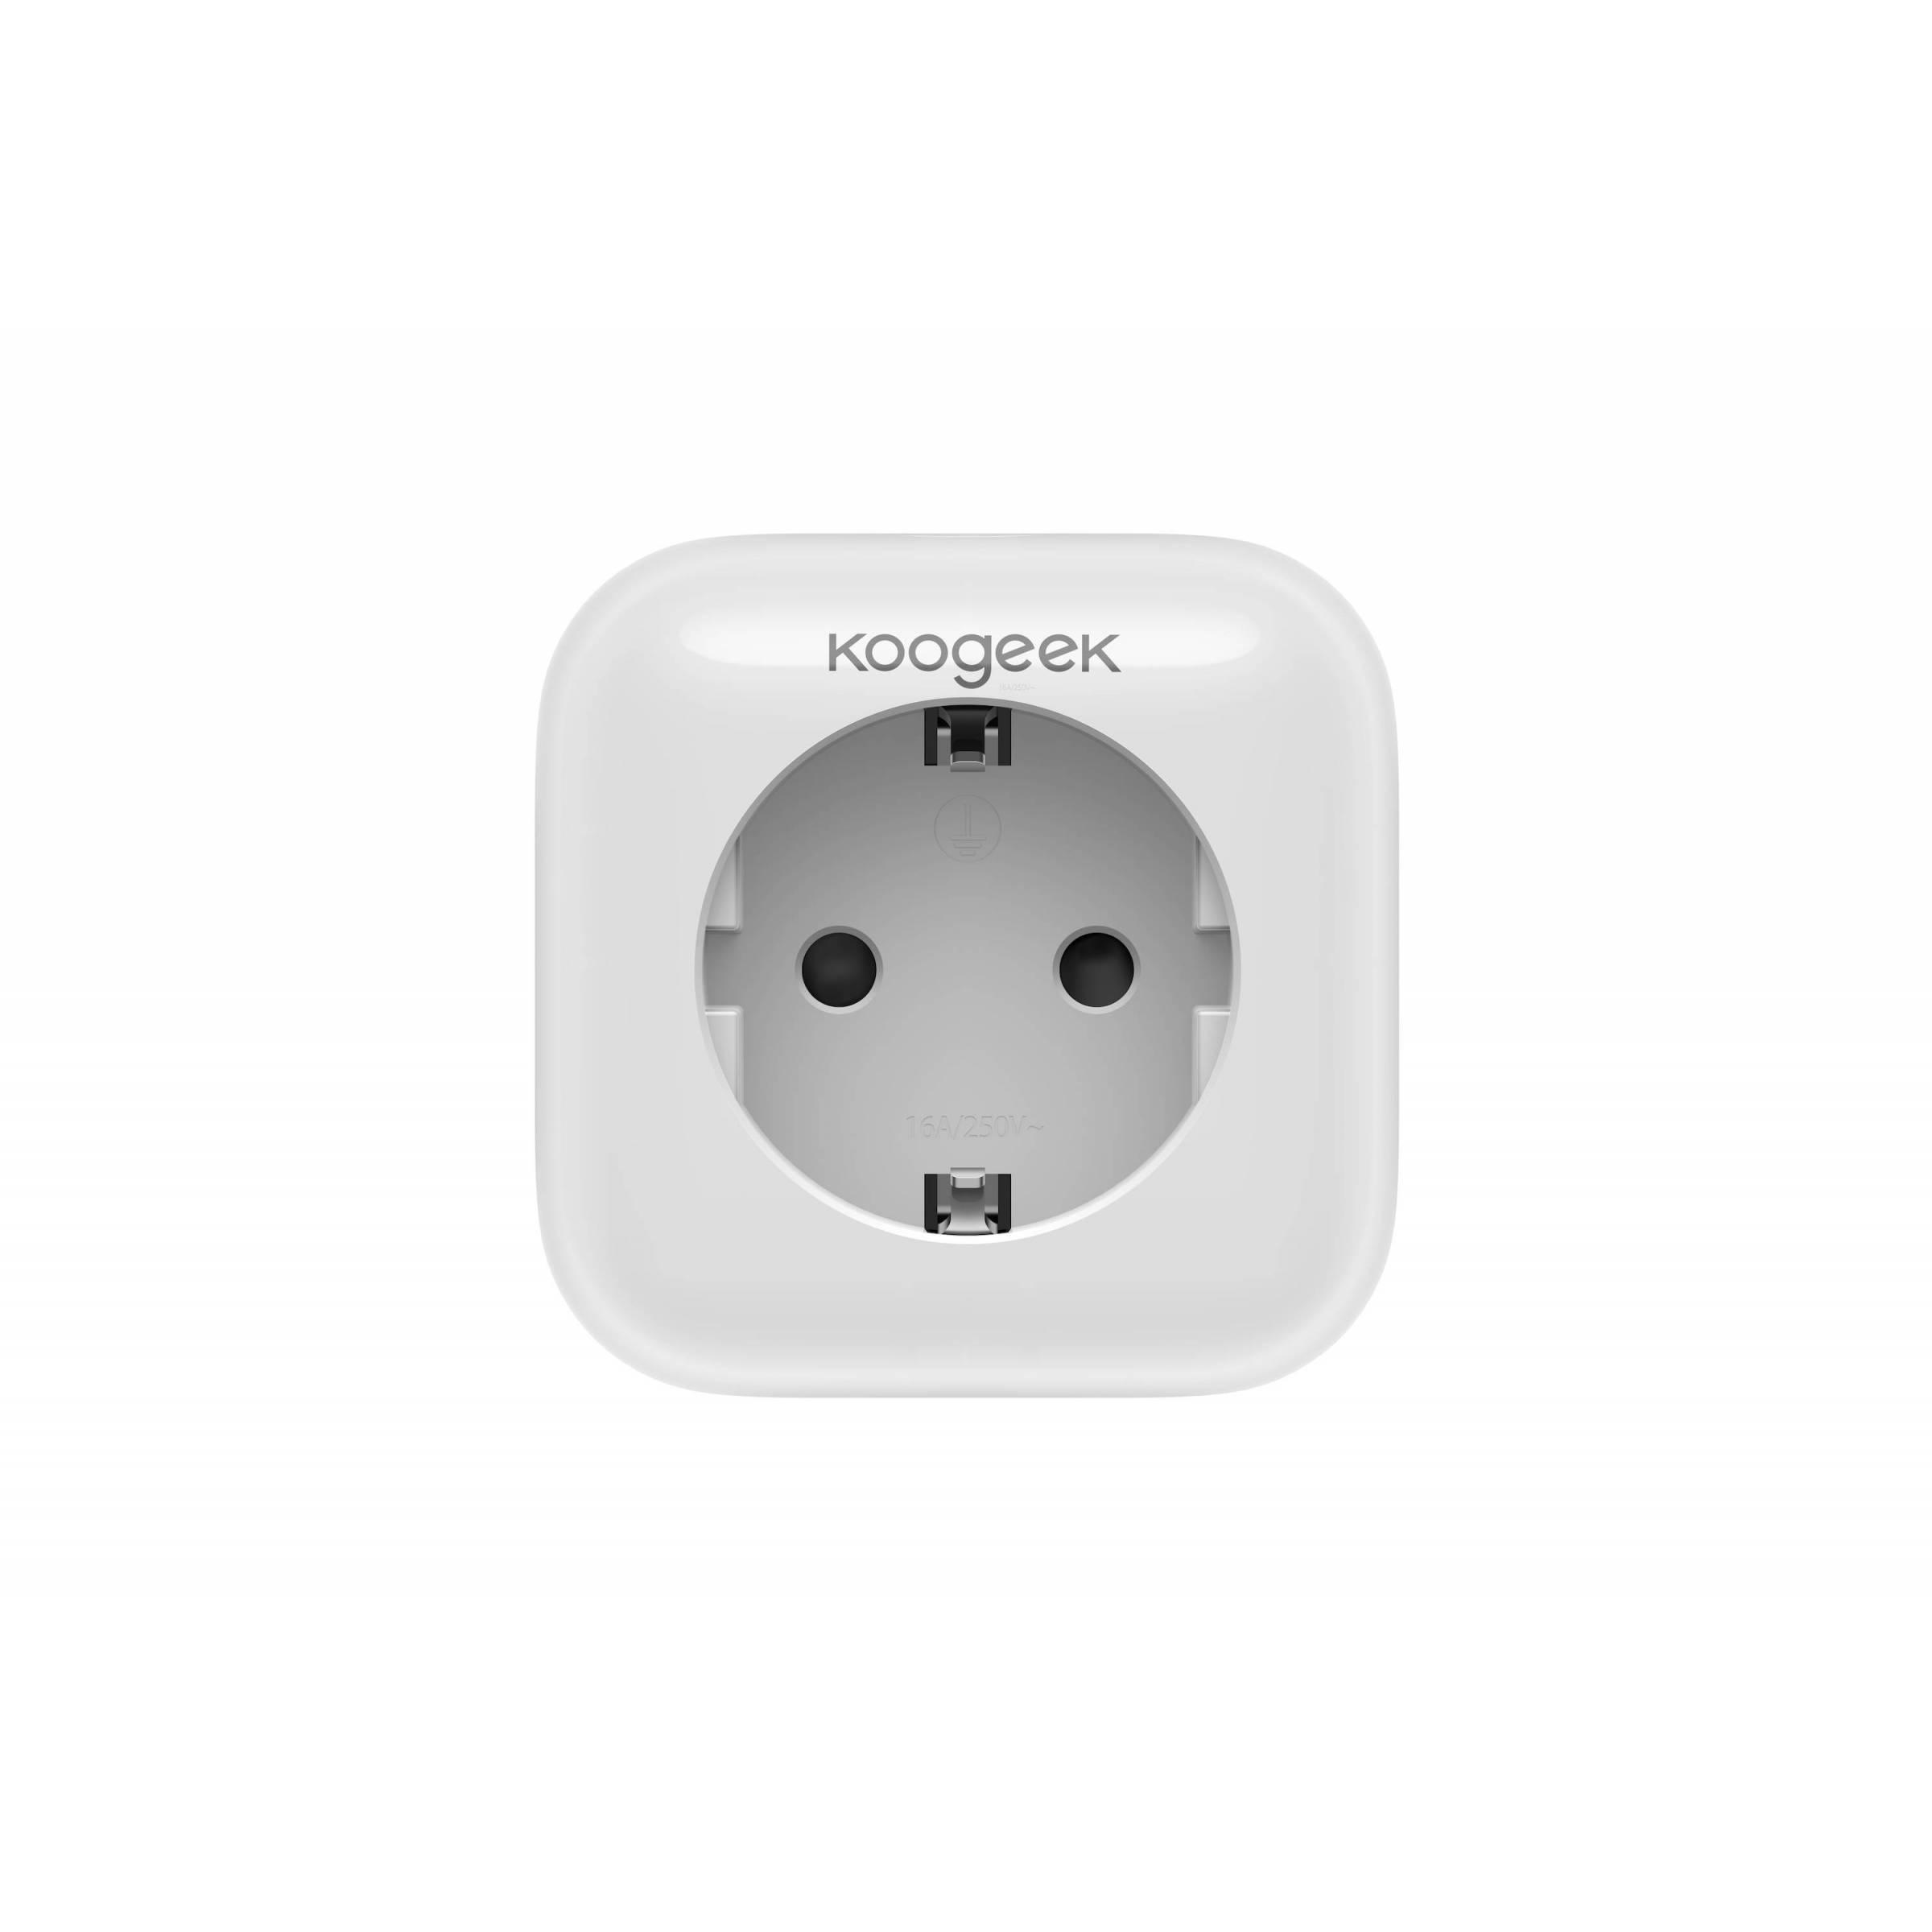 koogeek – Koogeek smart plug stikkontakt med homekit, alexa og google home  (p1eu) på mackabler.dk